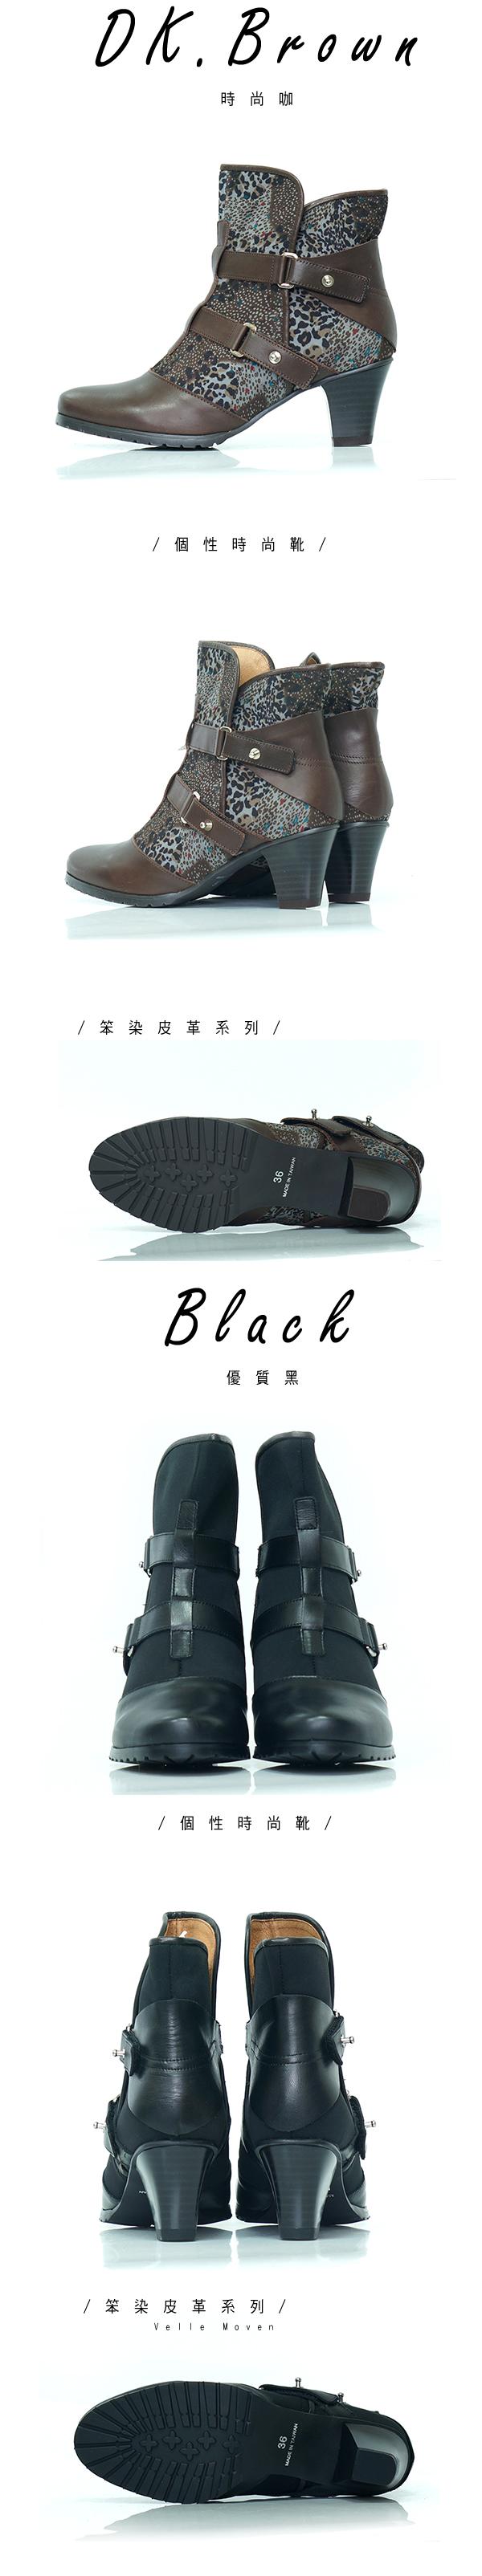 短靴,笨染皮革,高級牛製,時尚特色,孔雀紋,與眾不同,打蠟皮,透氣性佳,皮革軟,MIT,台灣製造,百貨專櫃  鞋